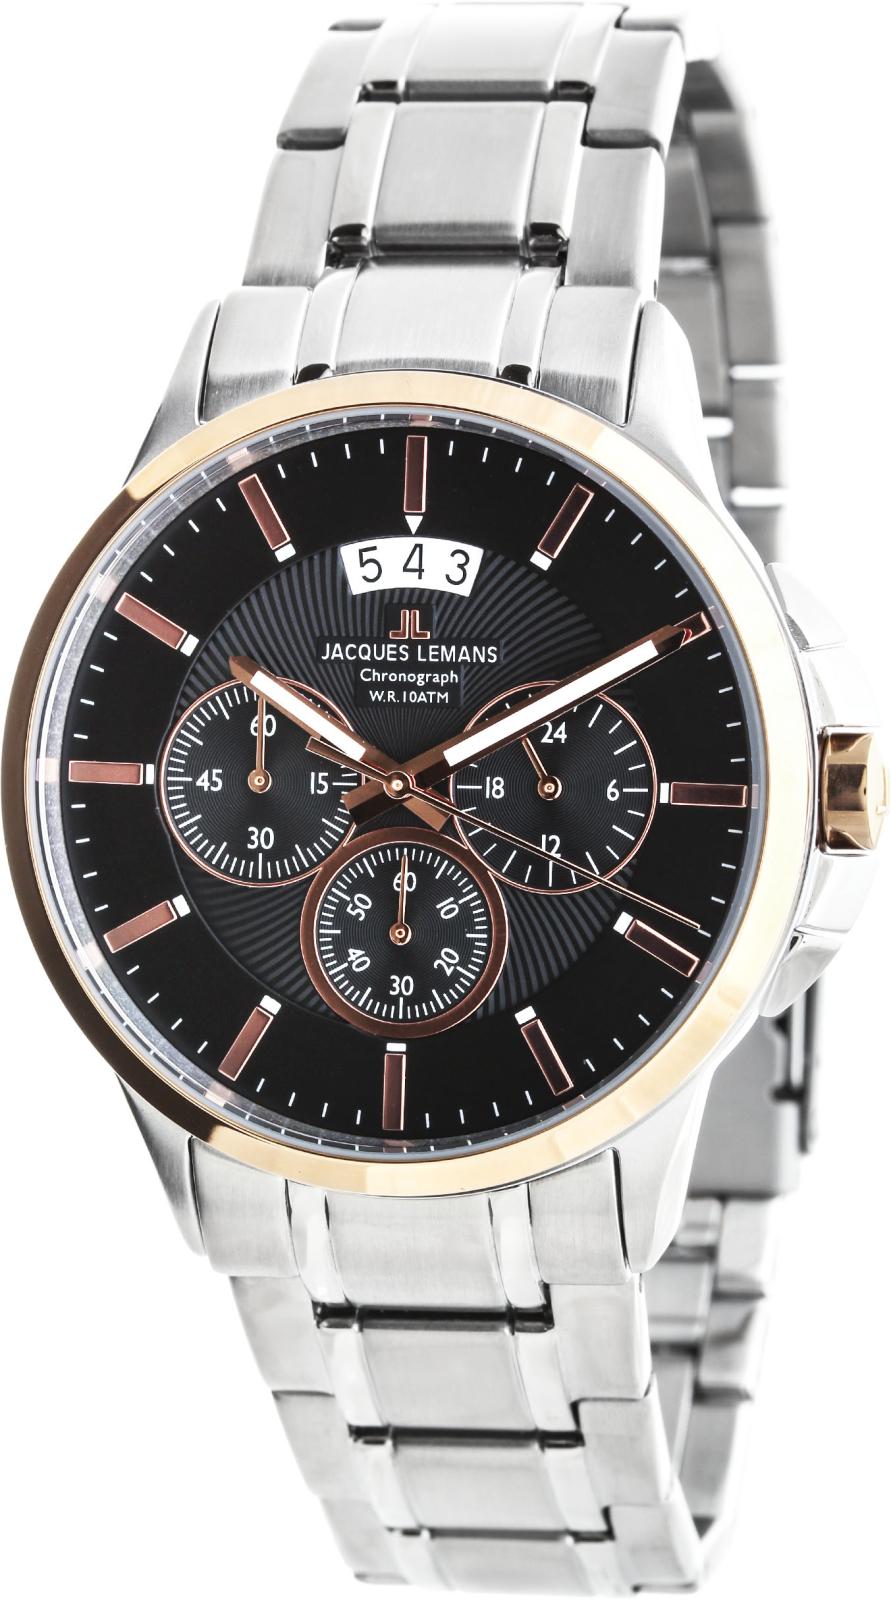 Jacques Lemans Sydney 1-1542JНаручные часы<br>Австрийские часы Jacques Lemans Sydney 1-1542J<br><br>Пол: Мужские<br>Страна-производитель: Австрия<br>Механизм: Кварцевый<br>Материал корпуса: Сталь<br>Материал ремня/браслета: Сталь<br>Водозащита, диапазон: None<br>Стекло: Минеральное<br>Толщина корпуса: None<br>Стиль: None